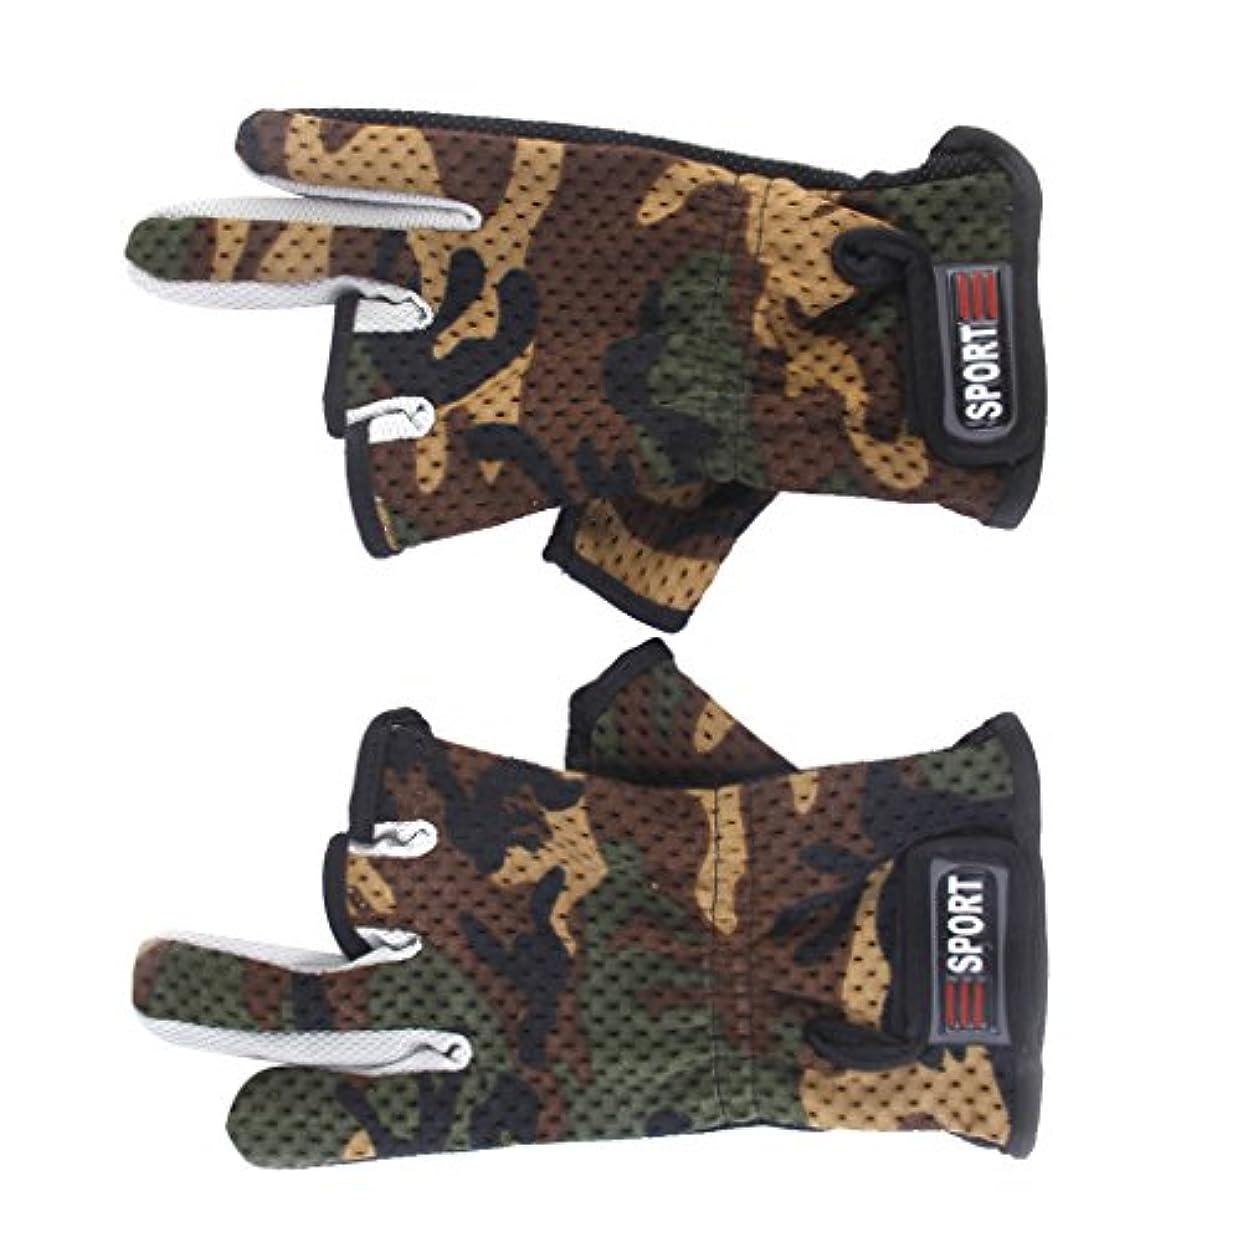 強度意味有限T TOOYFUL 釣り手袋 グローブ 防寒 マリングローブ 男女兼用 釣り手袋 滑り止め 保温 傷害防止 防風 1ペア